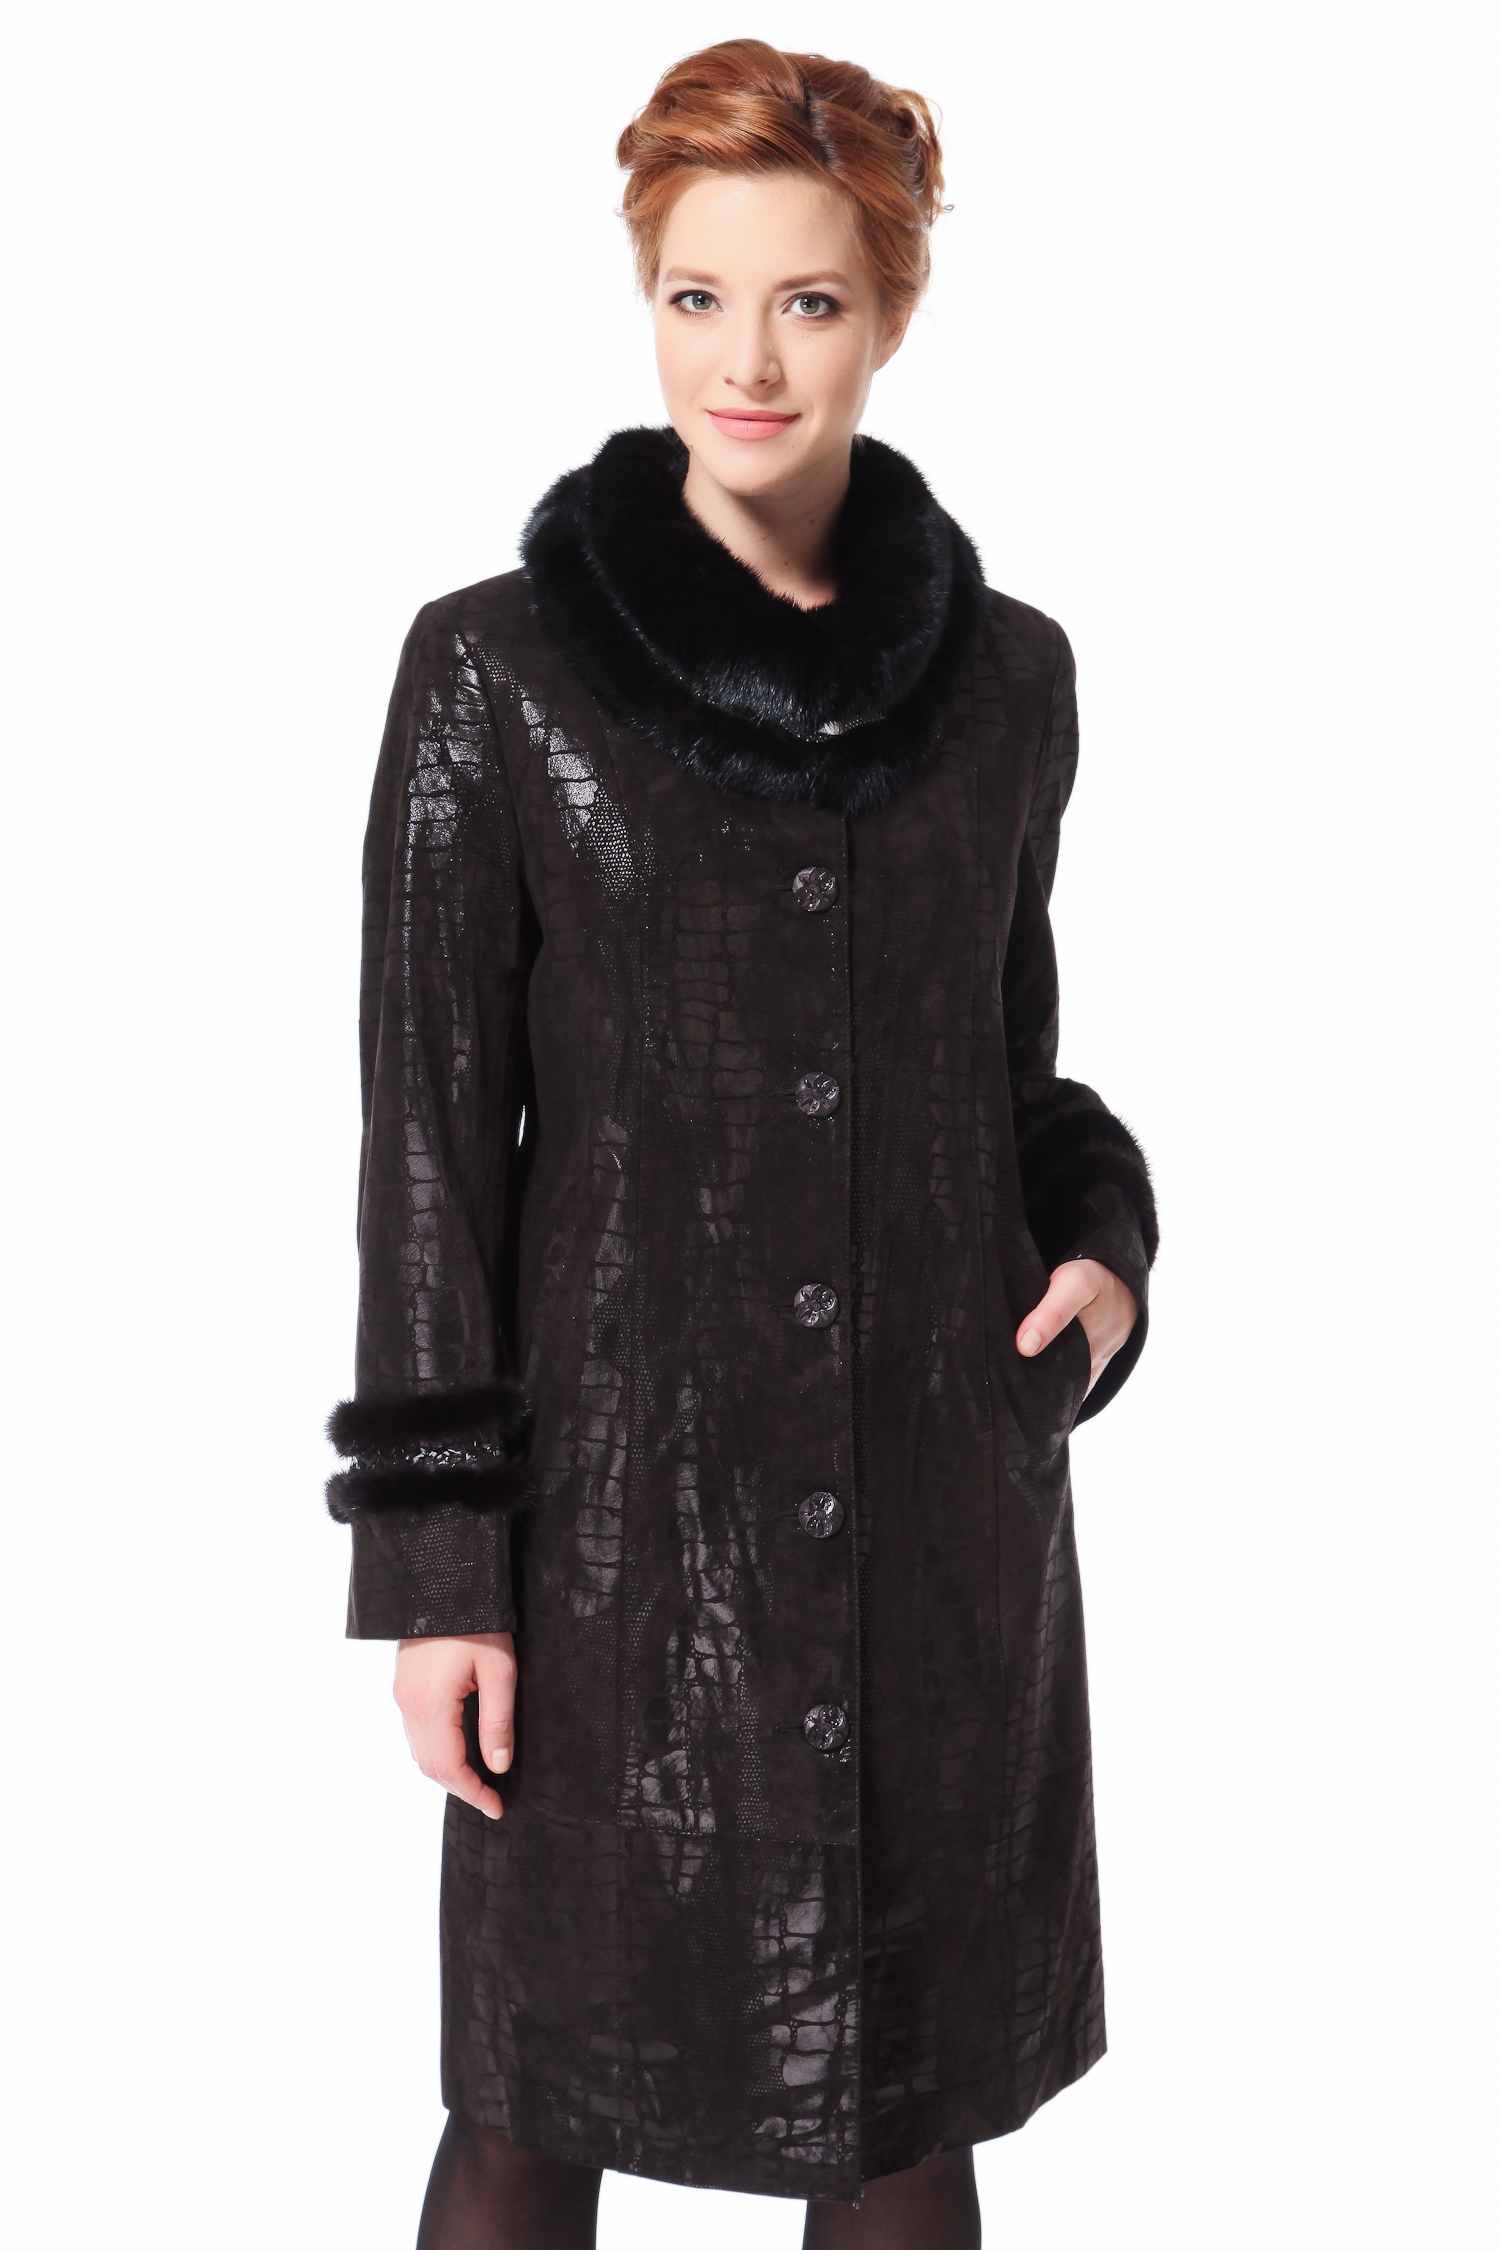 Женское кожаное пальто из натуральной кожи с воротником, отделка норкаЦвет  горький шоколад.<br>Куртка изготовлена из высококачественной замши с накатом. Отделка - мех норки. В качестве утеплителя использован синтепон.<br>Модель имеет роскошный и оригинально оформленный норковый воротник, который изумительно сбалансирует зону декольте и плечевой пояс. Используя современные технологии, на замшу нанесен рисунок имитирующий анималистический принт, являющийся горячим трендом нового сезона. Идеально выверенные лекала и пластичность сырья обеспечивают безупречную посадку, и подчеркнут все достоинства дам с округлым типом фигуры. Модель поможет создать образ очень яркий, энергичный, и запоминающийся<br><br>Воротник: отложной<br>Длина см: Длинная (свыше 90)<br>Материал: Замша<br>Цвет: коричневый<br>Вид застежки: центральная<br>Застежка: на пуговицы<br>Пол: Женский<br>Размер RU: 58